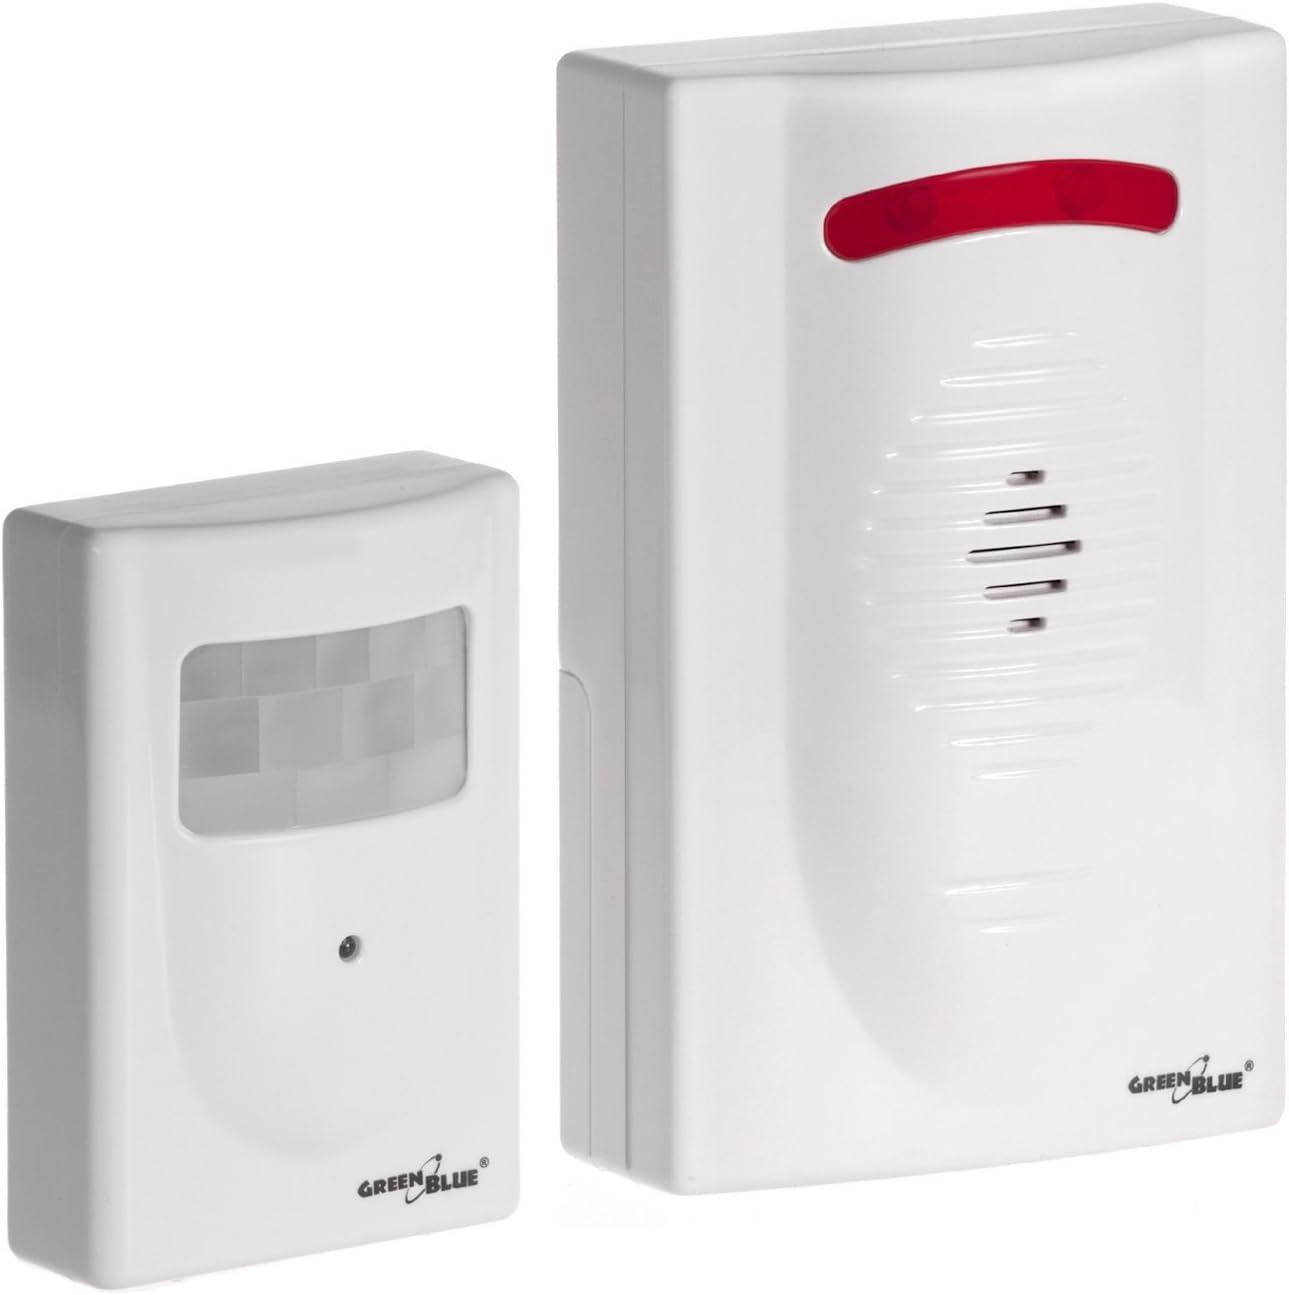 DC3400 - Alarma inalámbrica con sensor de movimiento independiente